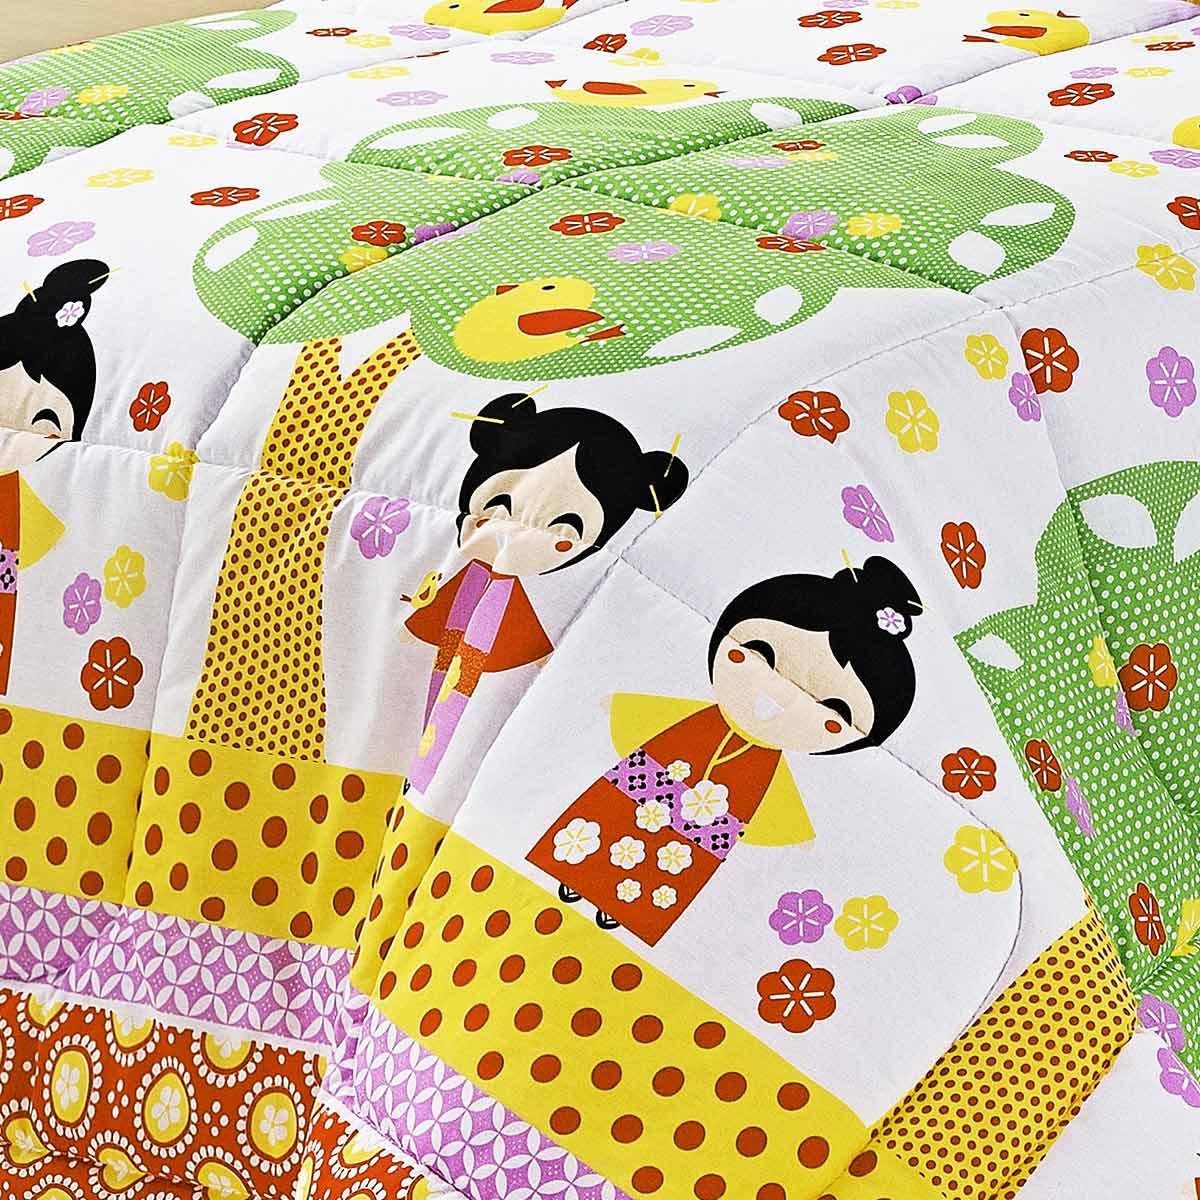 Edredom Solteiro Kokeshi Japonesa Colorido Estampado com 2 peças